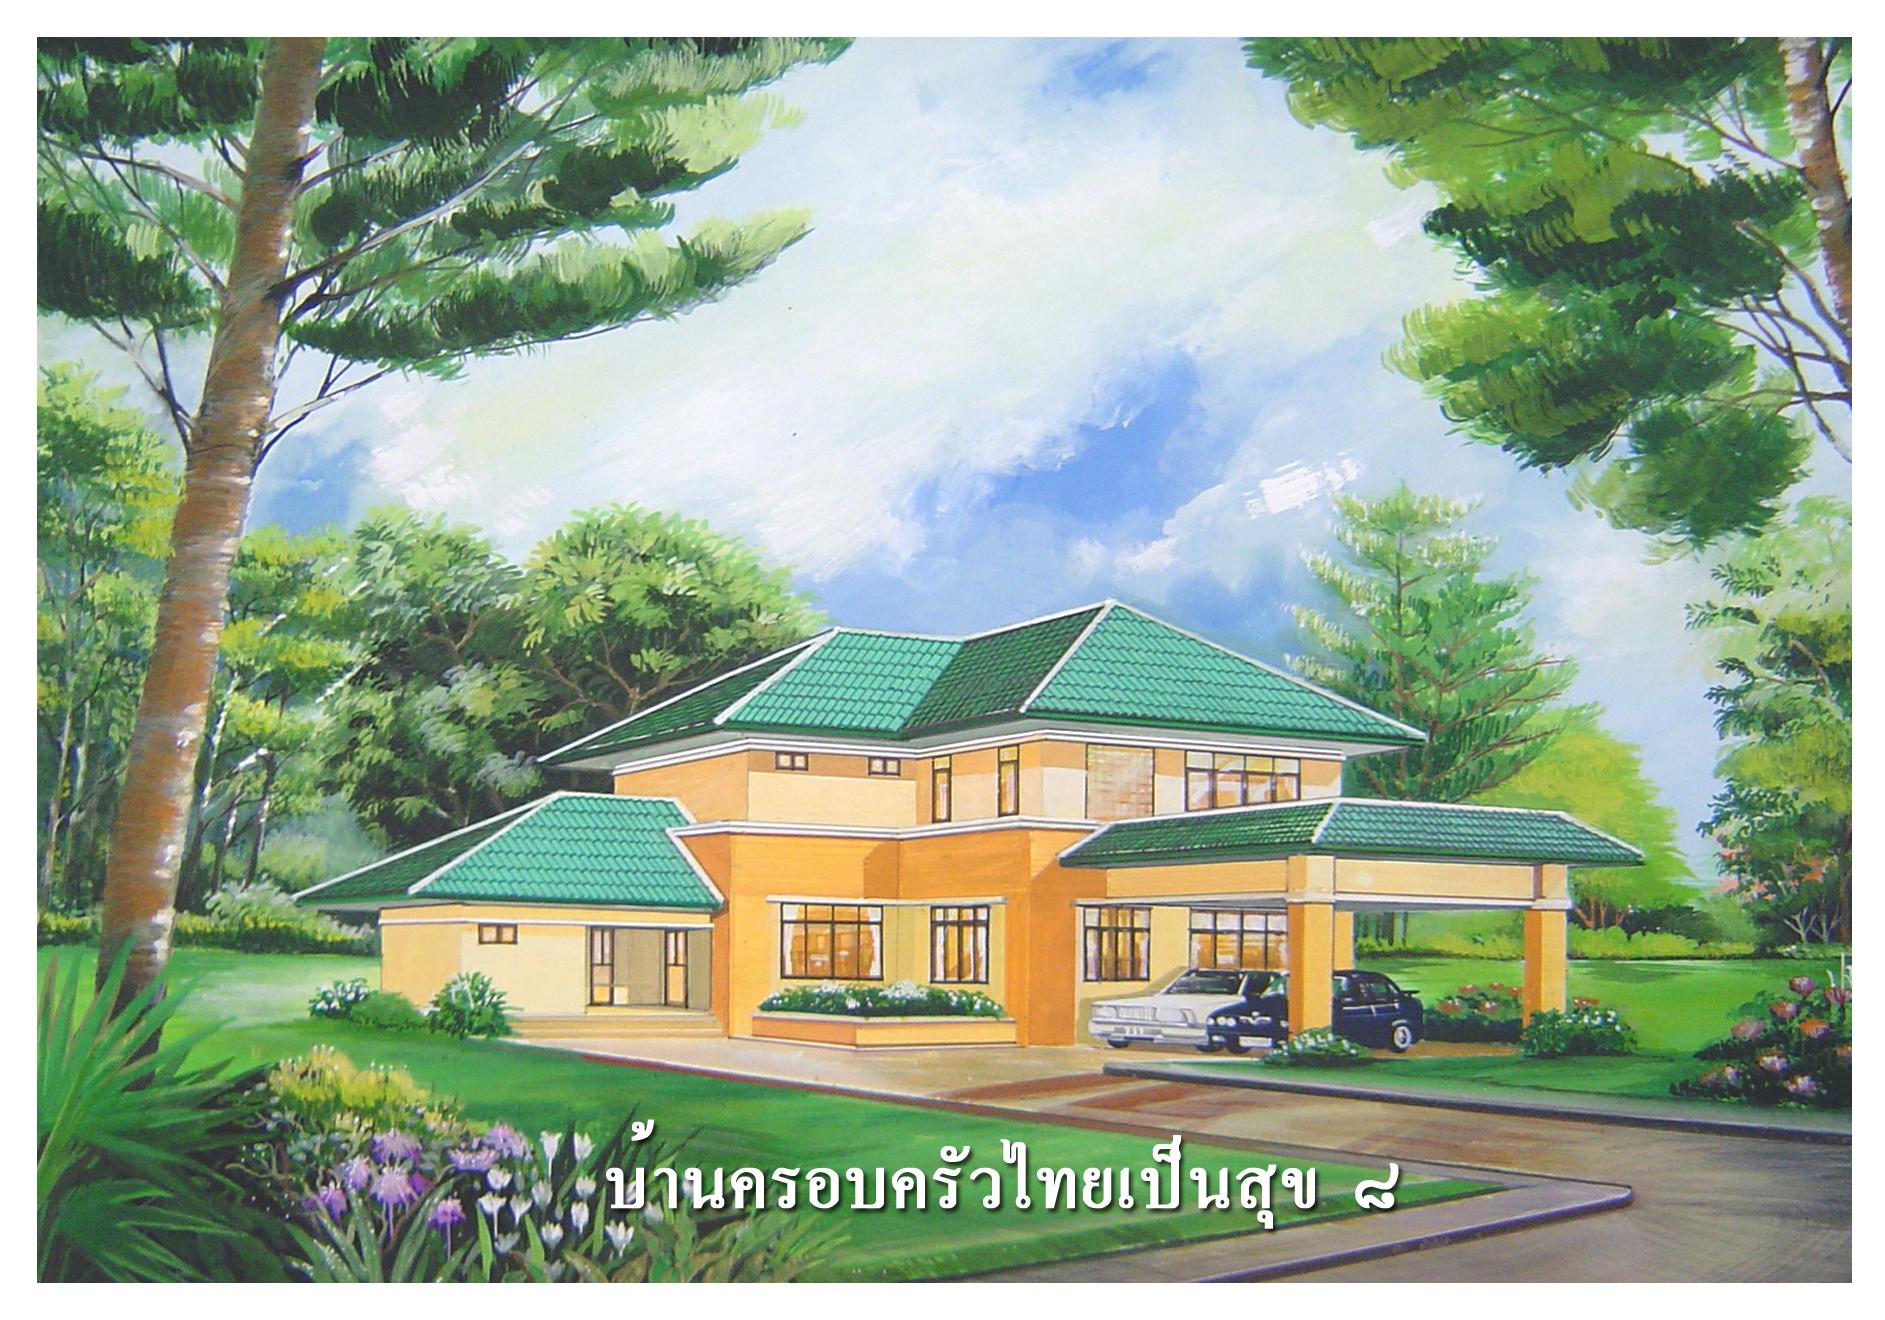 แบบบ้านฟรี บ้านครอบครัวไทยเป็นสุข 8